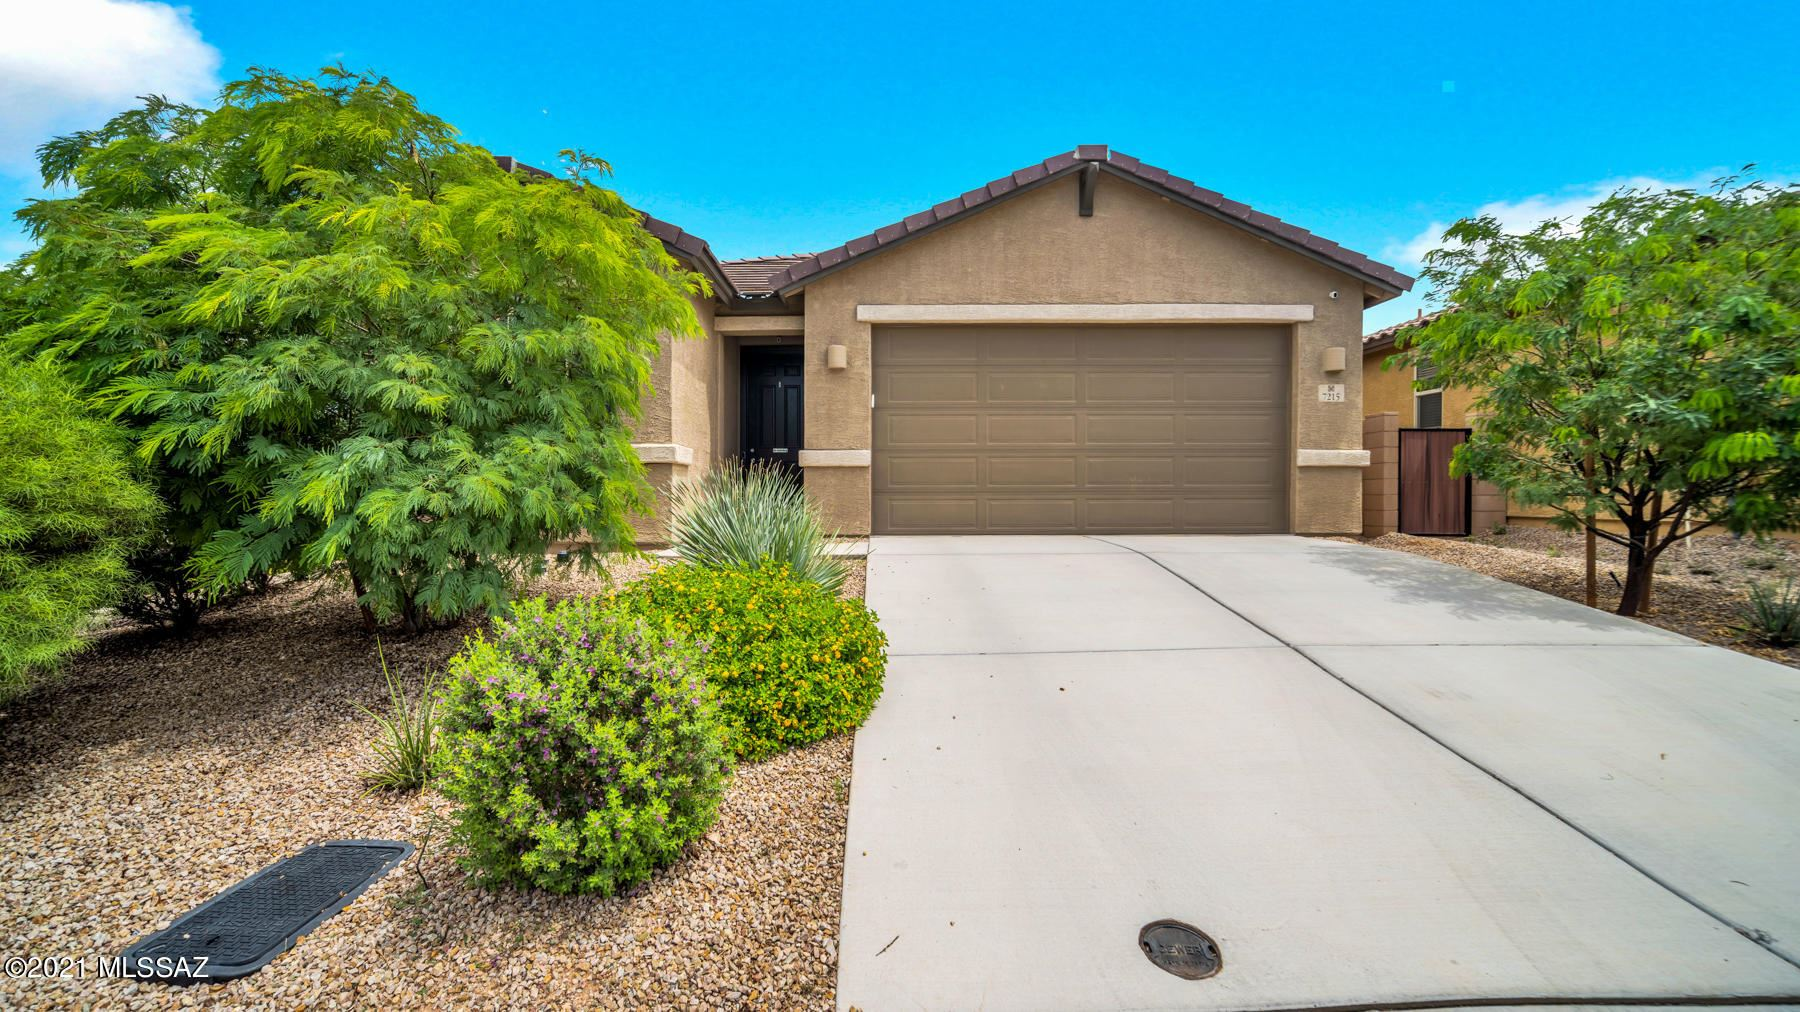 7215 S Via Tierra Mesa, Tucson, AZ 85756 - MLS#: 22119589